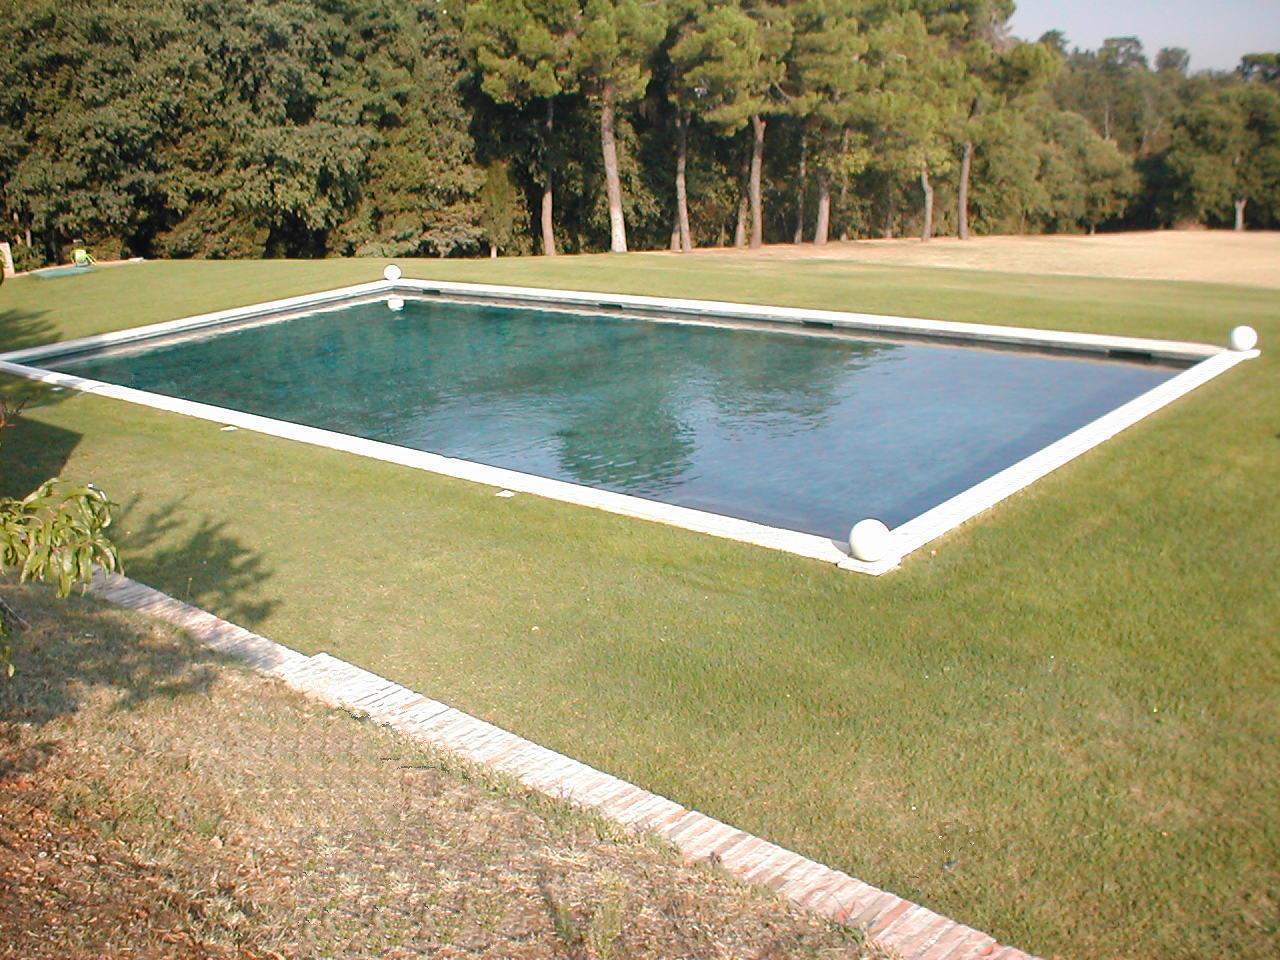 Piscine in cemento armato cvp italia - Costruzione piscina interrata ...